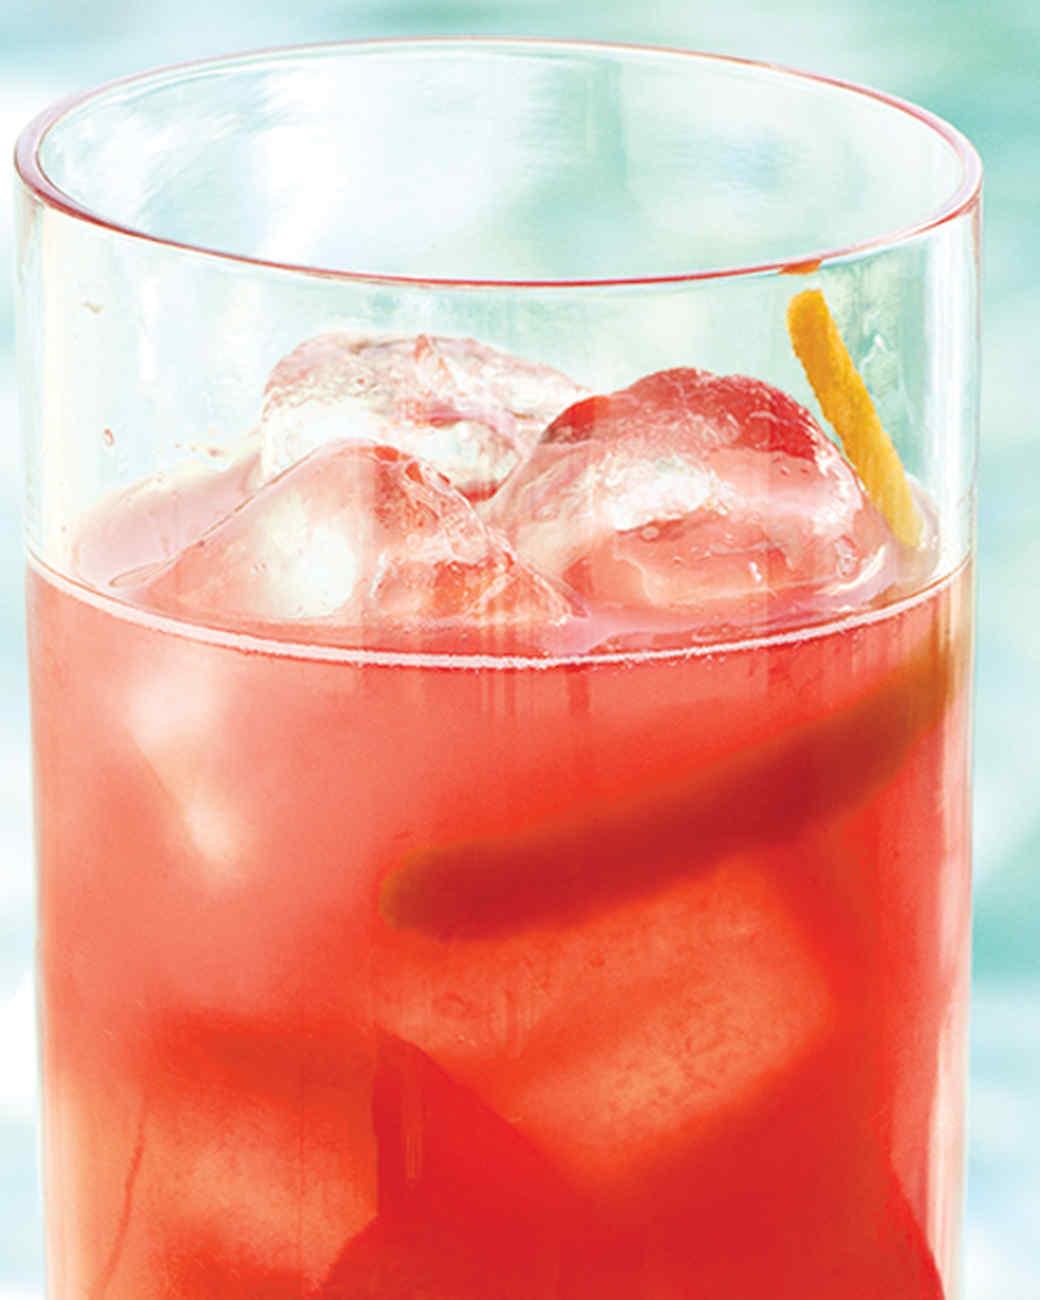 mld105489_0510_palmsprings_cocktail.jpg